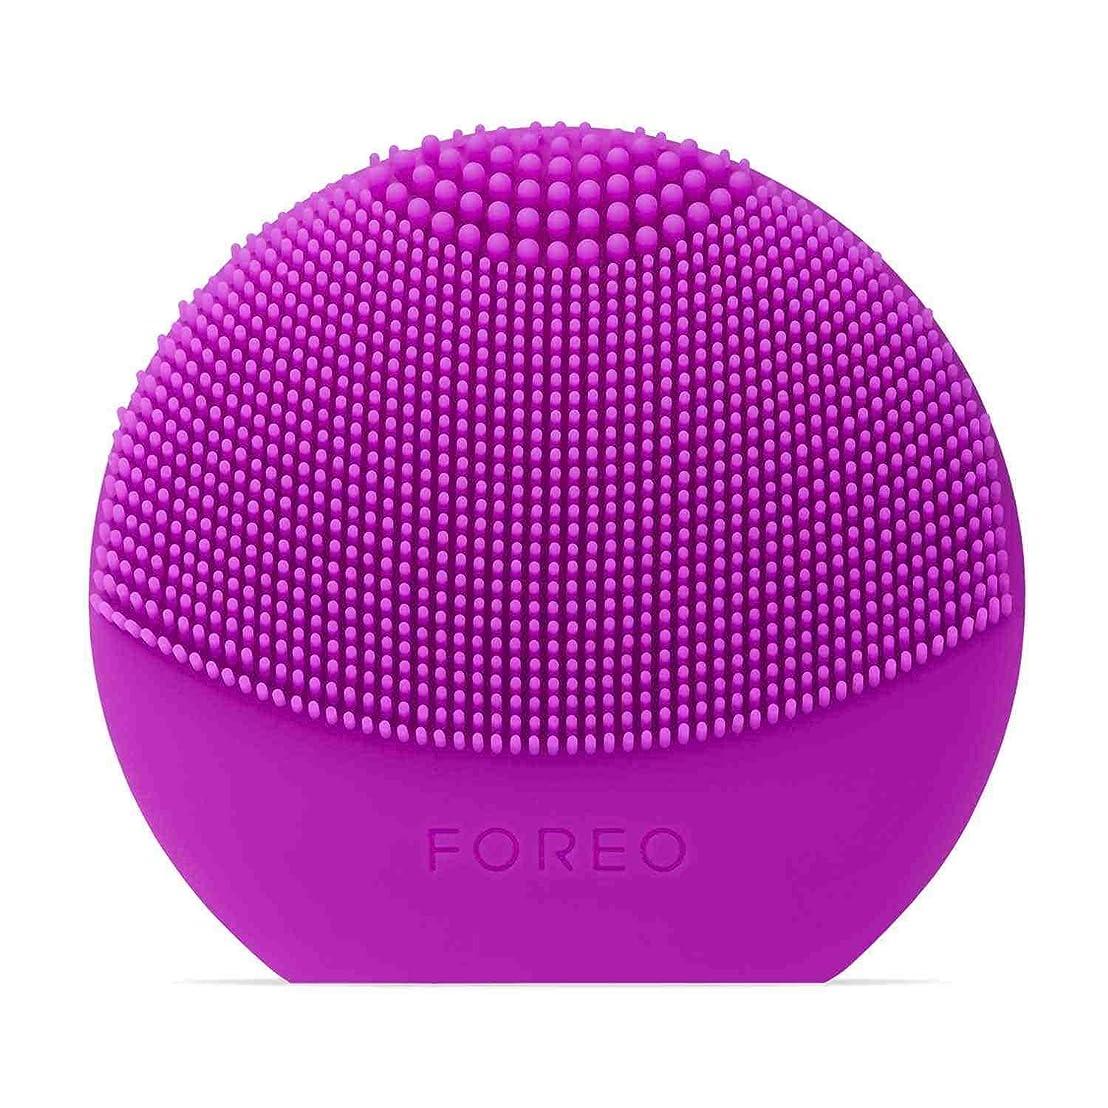 悪意のあるおなじみの大FOREO LUNA Play Plus パープル シリコーン製 音波振動 電動洗顔ブラシ 電池式